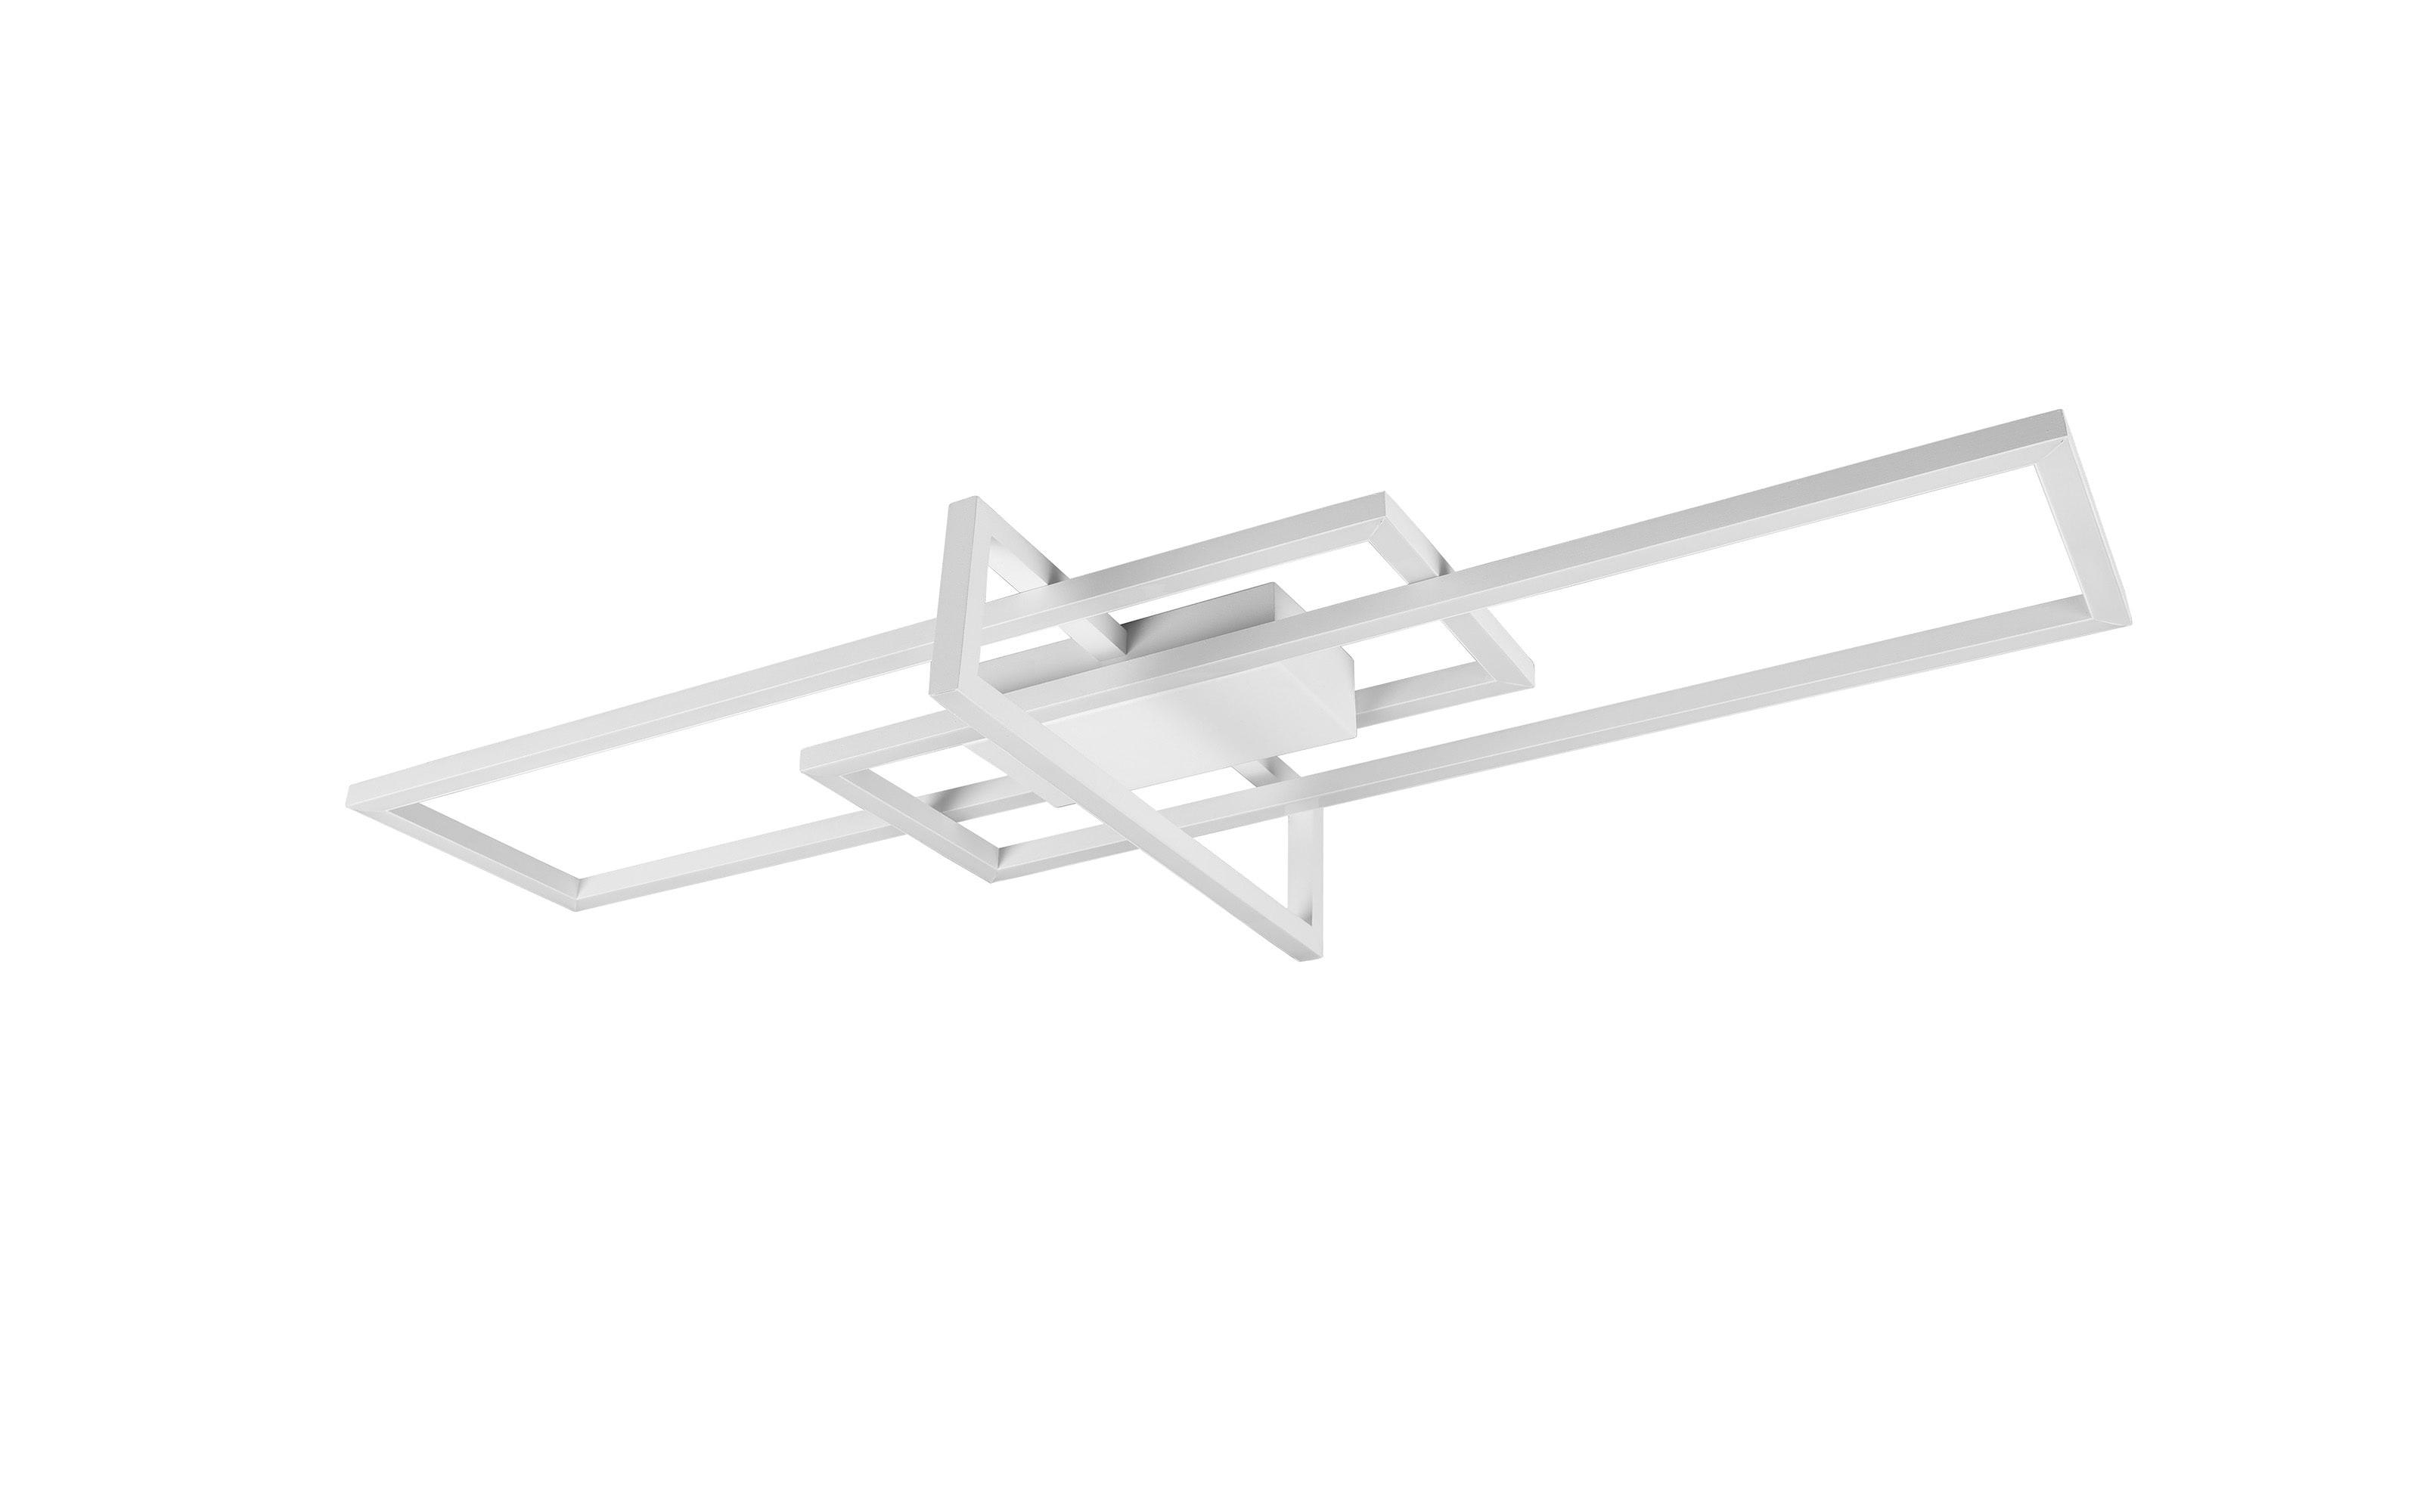 LED-Deckenleuchte Salinas in weiß, 100 cm